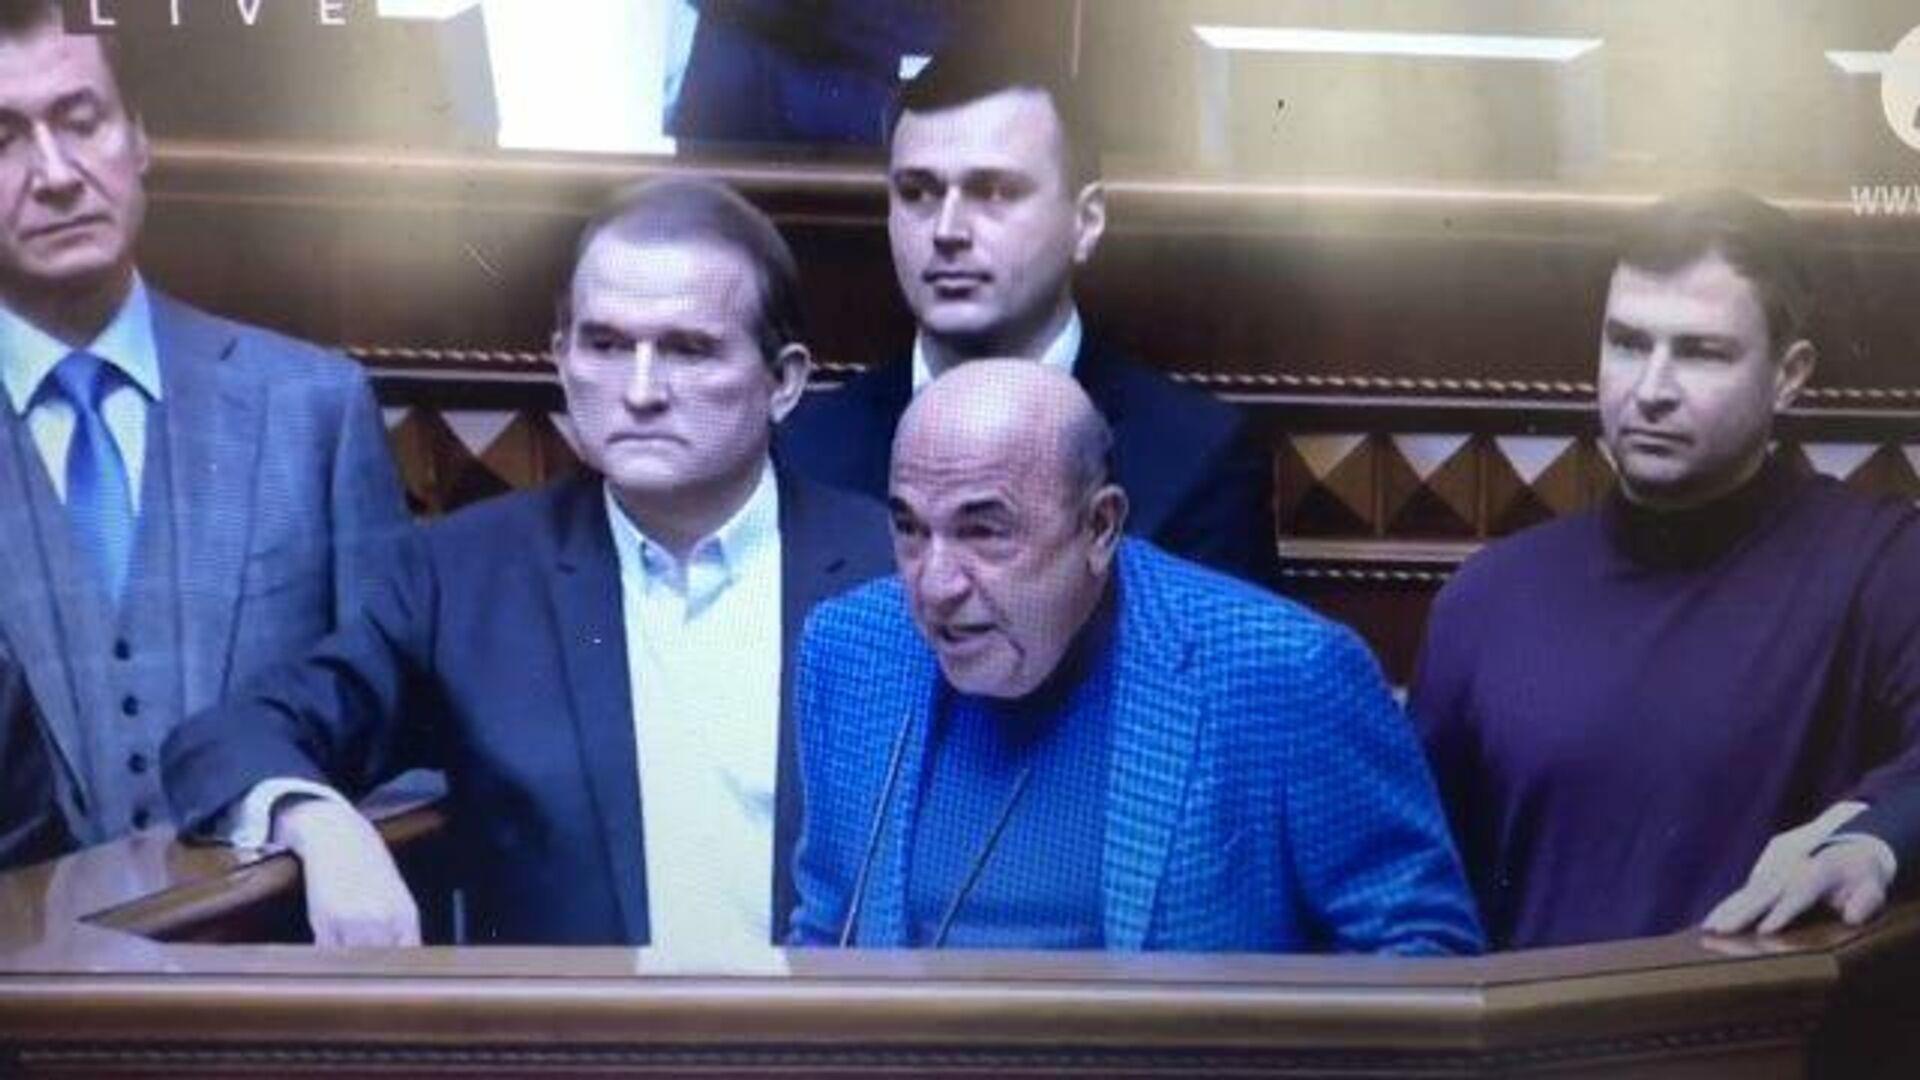 Рабинович объявляет о запуске процедуры импичмента Зеленского - РИА Новости, 1920, 03.02.2021